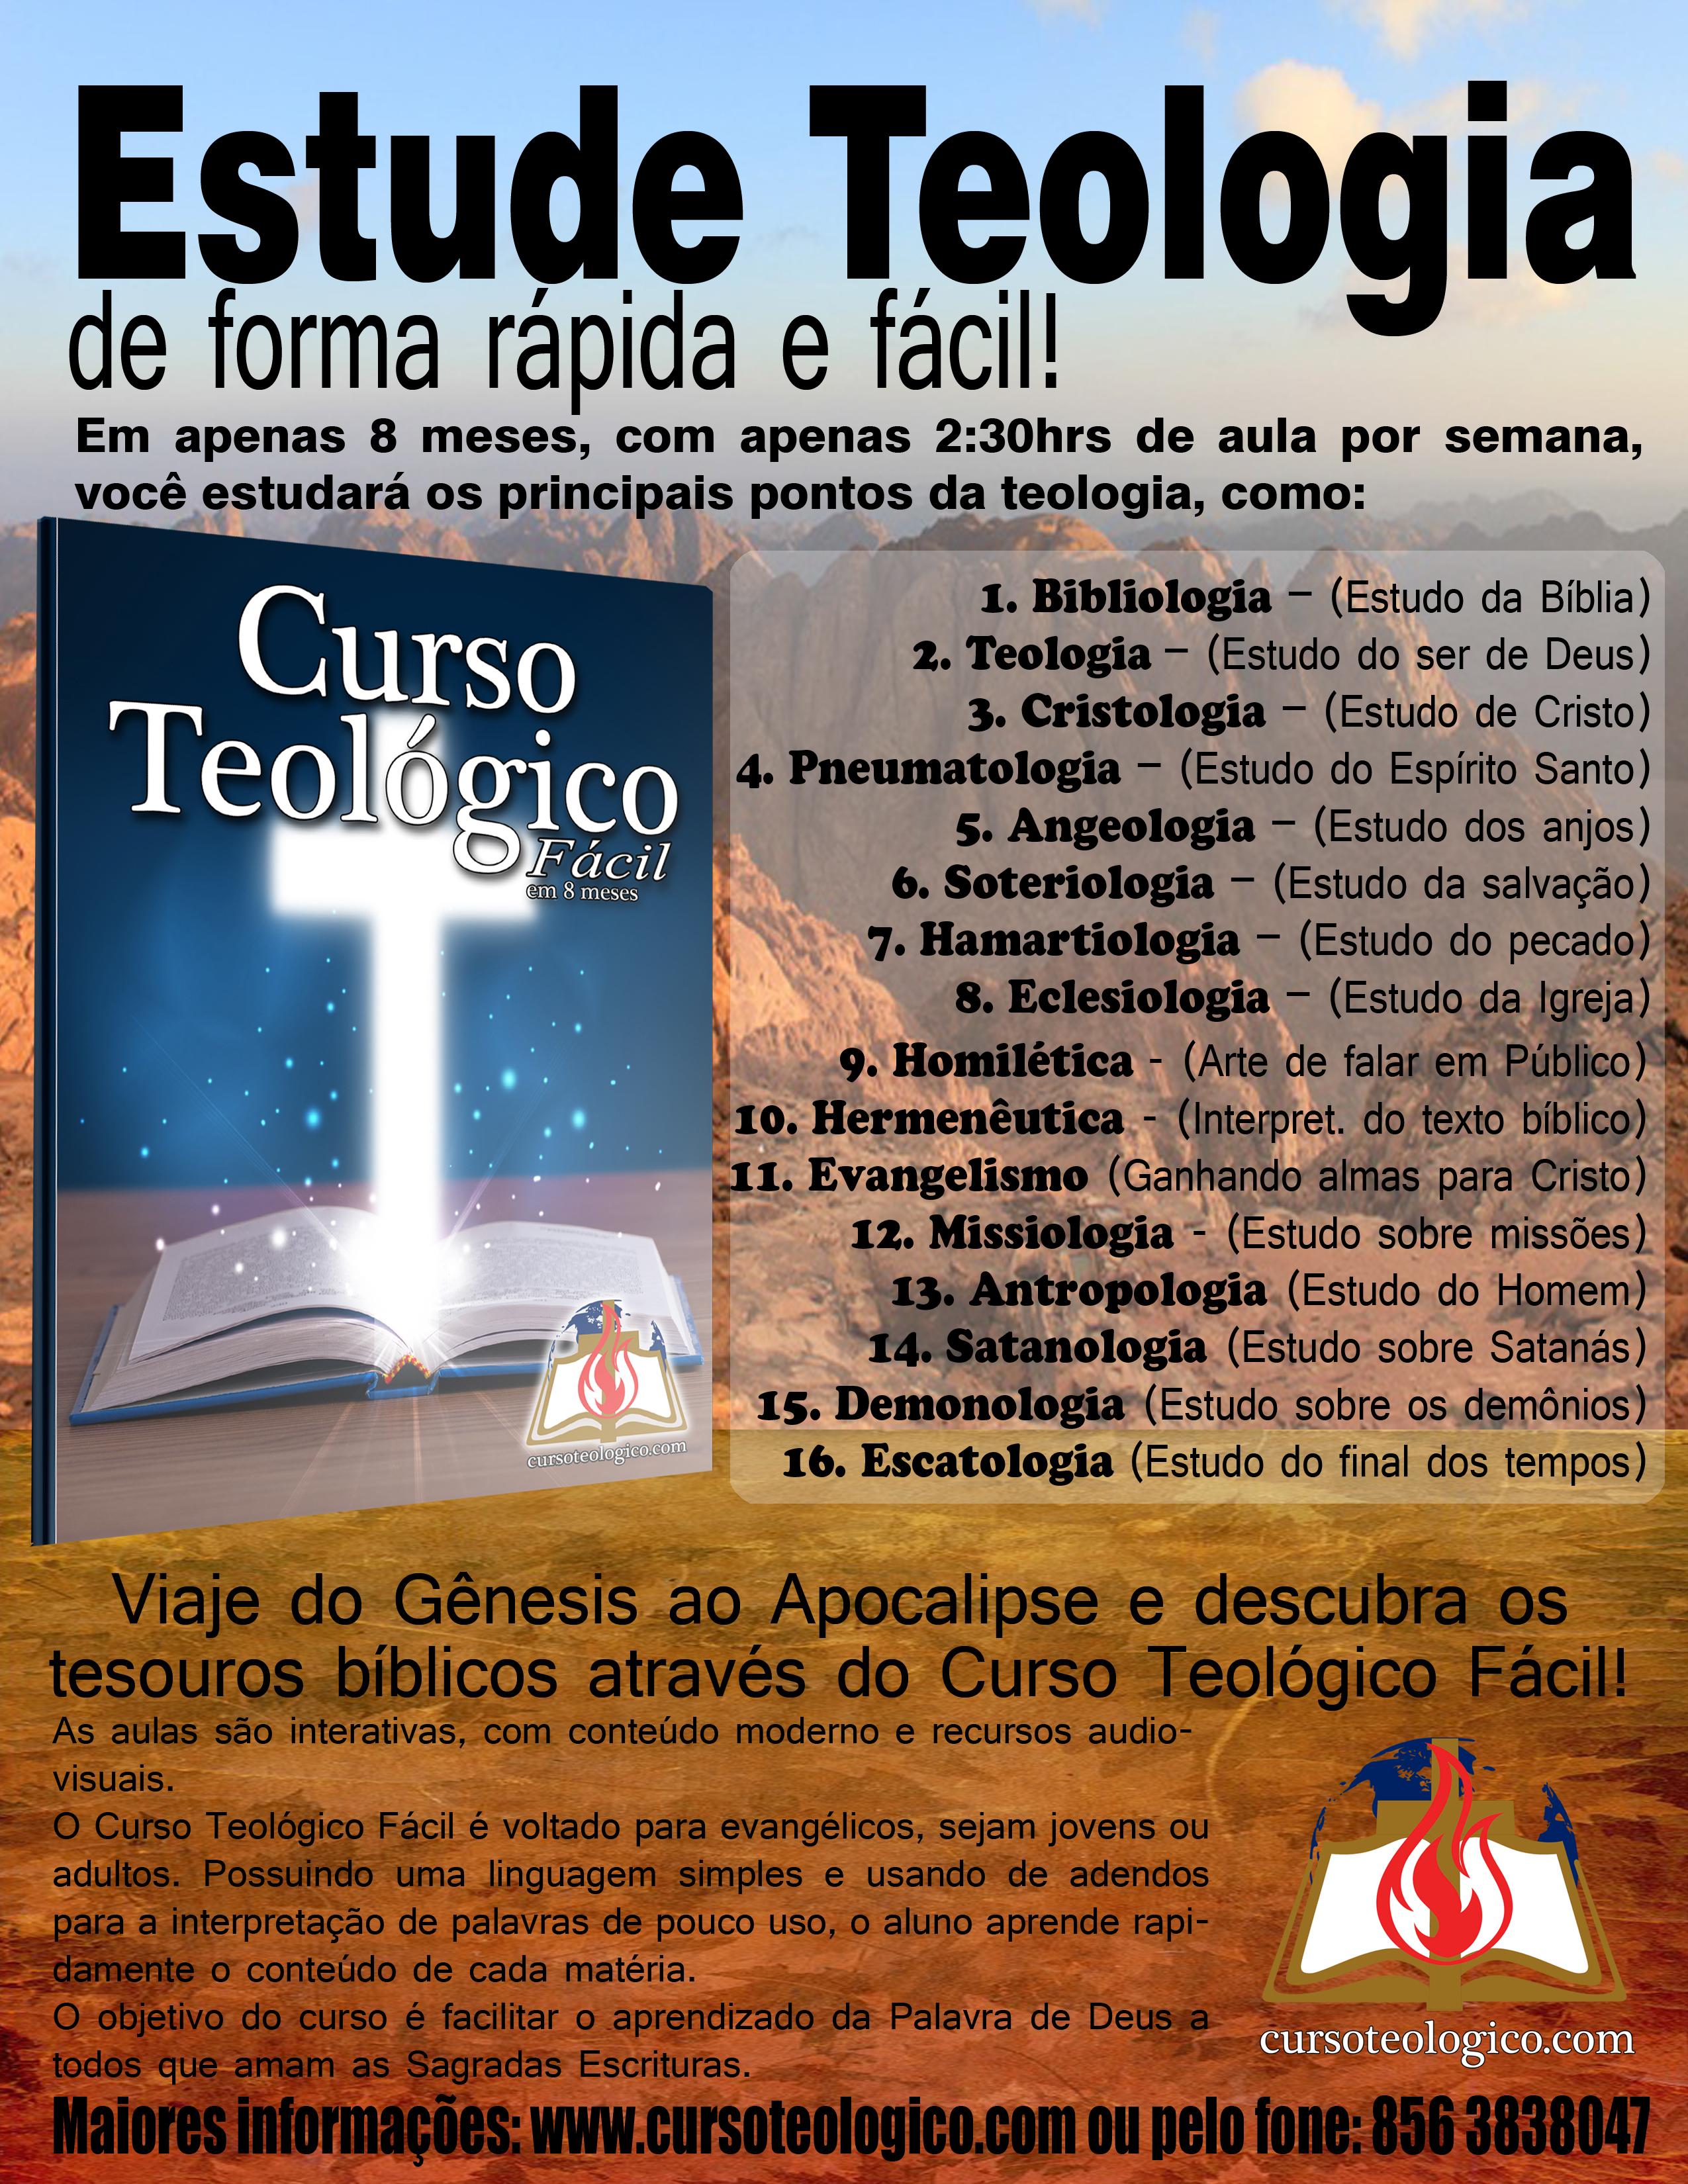 Curso Teológico Fácil - Bibliologia I e II - Teologia I e II